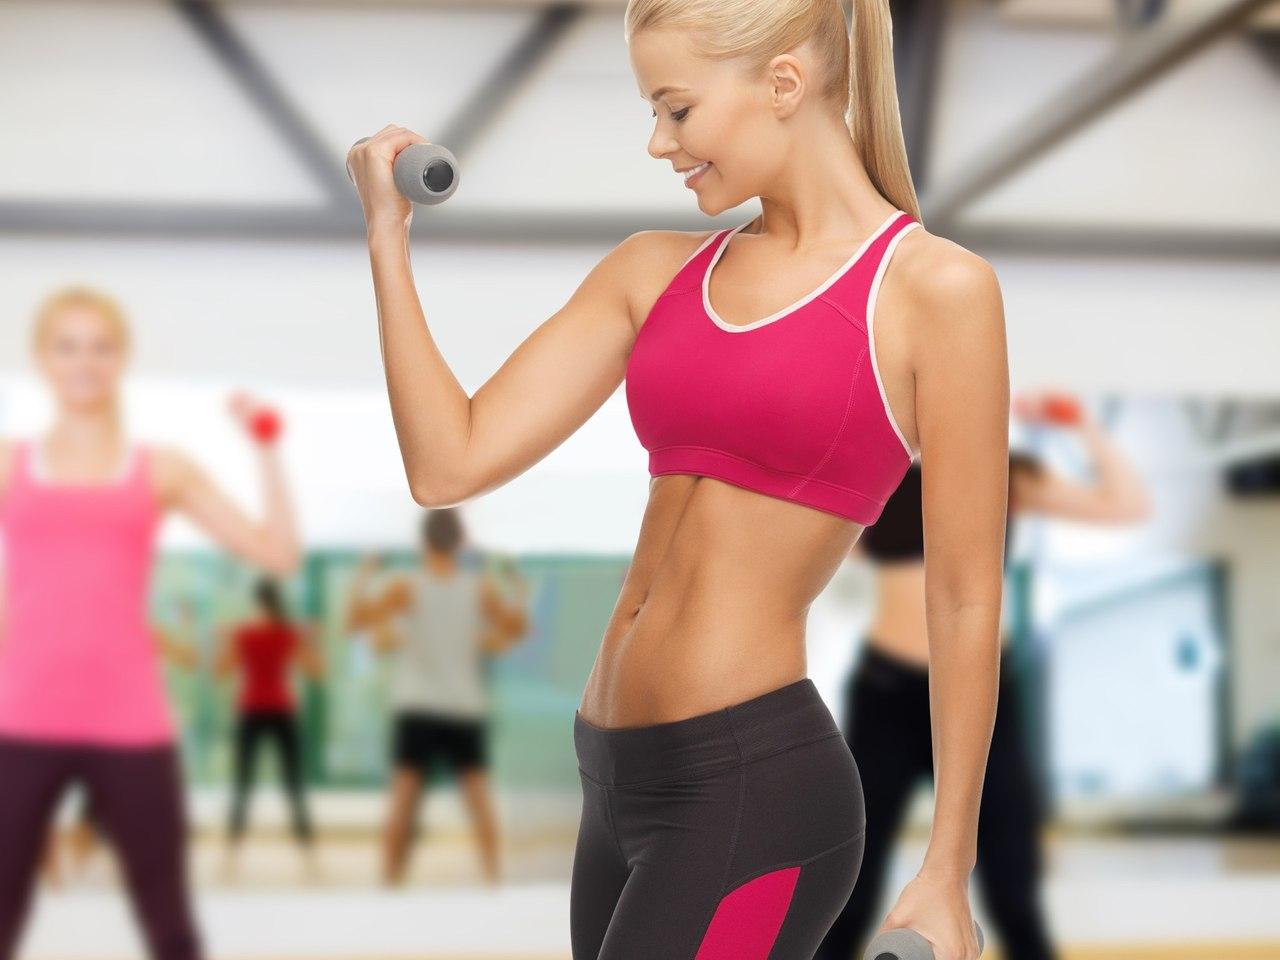 как похудеть с помощью кардиотренажеров